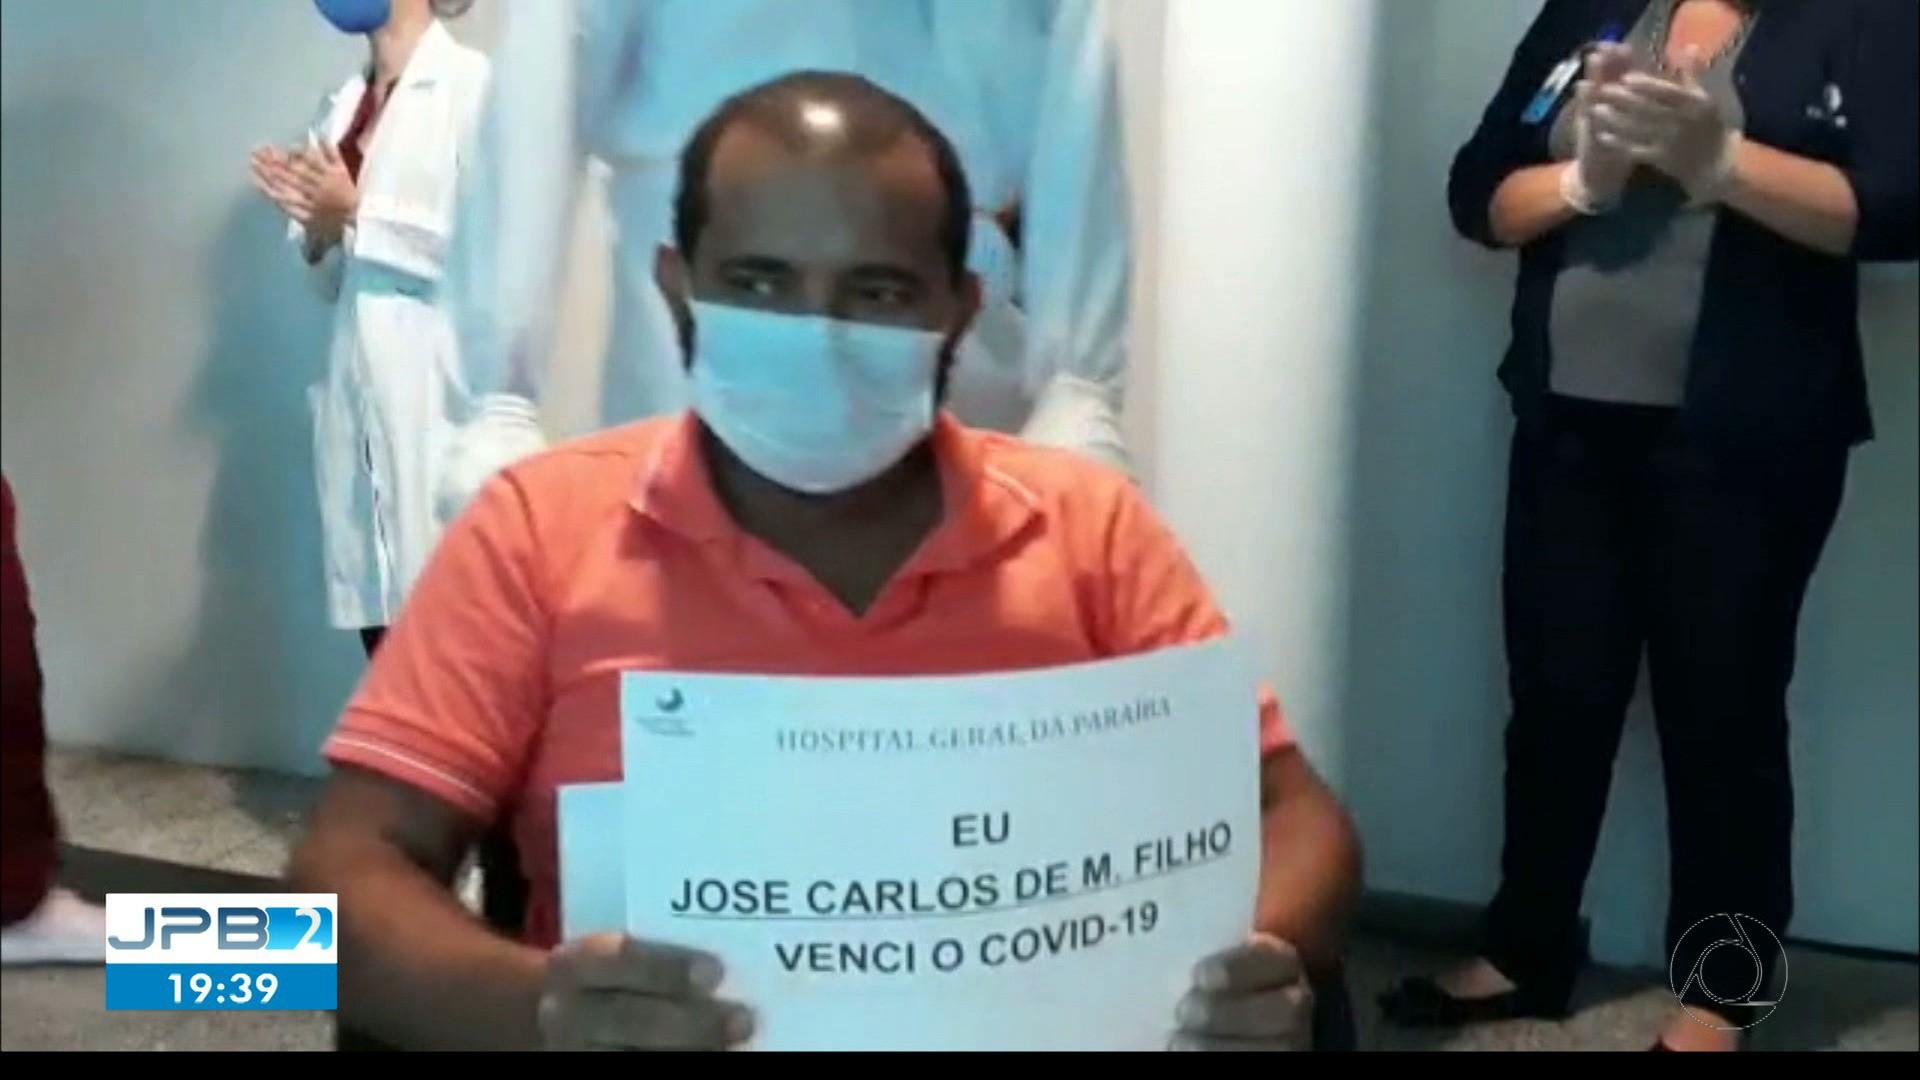 VÍDEOS: JPB2 (TV Cabo Branco) desta segunda-feira, 25 de maio